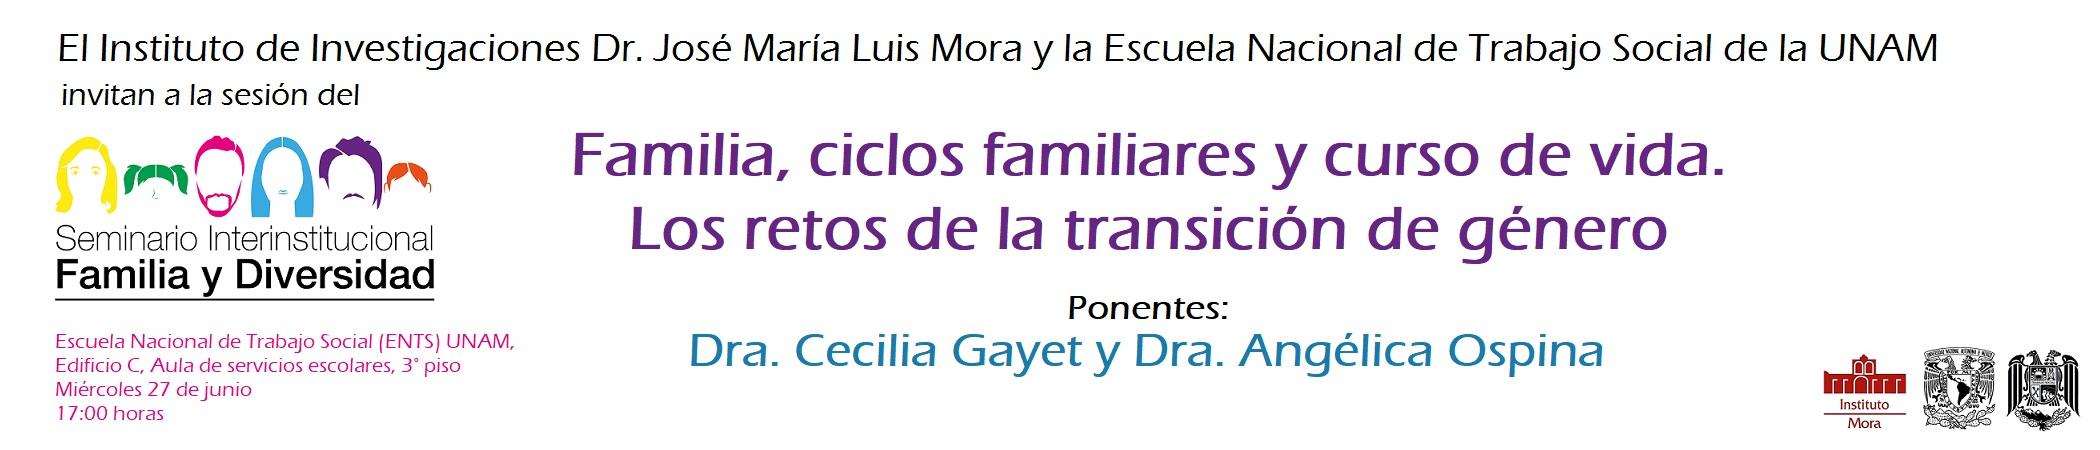 Seminario Permanente Interinstitucional Familia y Diversidad